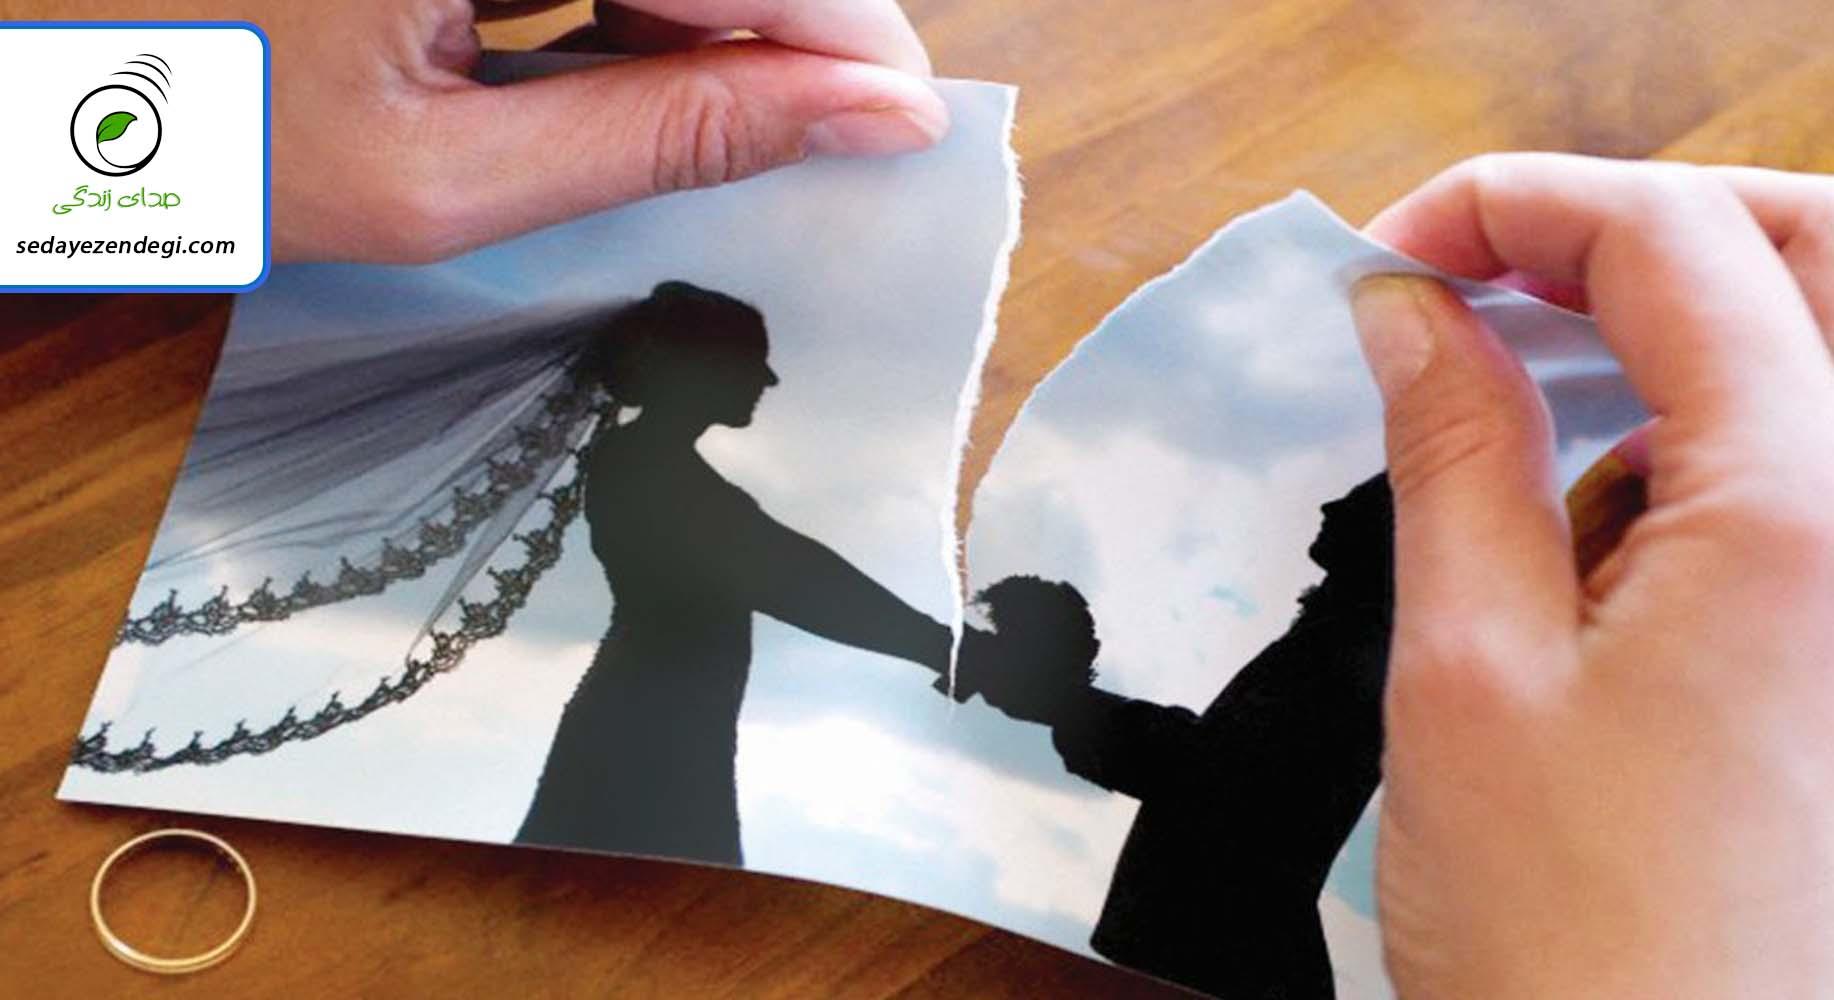 طلاق آخرین راه کار یا راه فرار